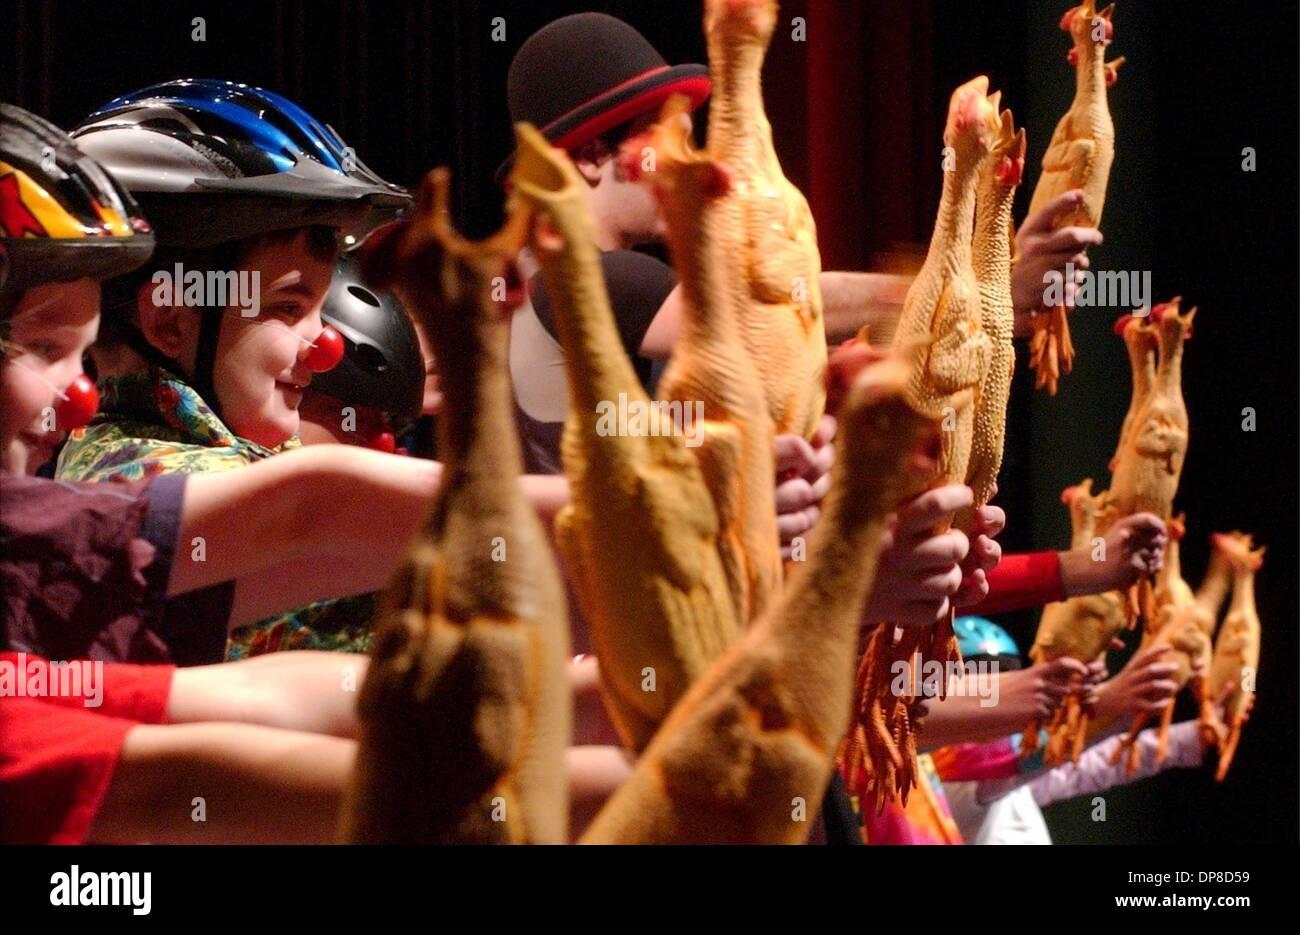 Rubber Dance Photos & Rubber Dance Images - Alamy